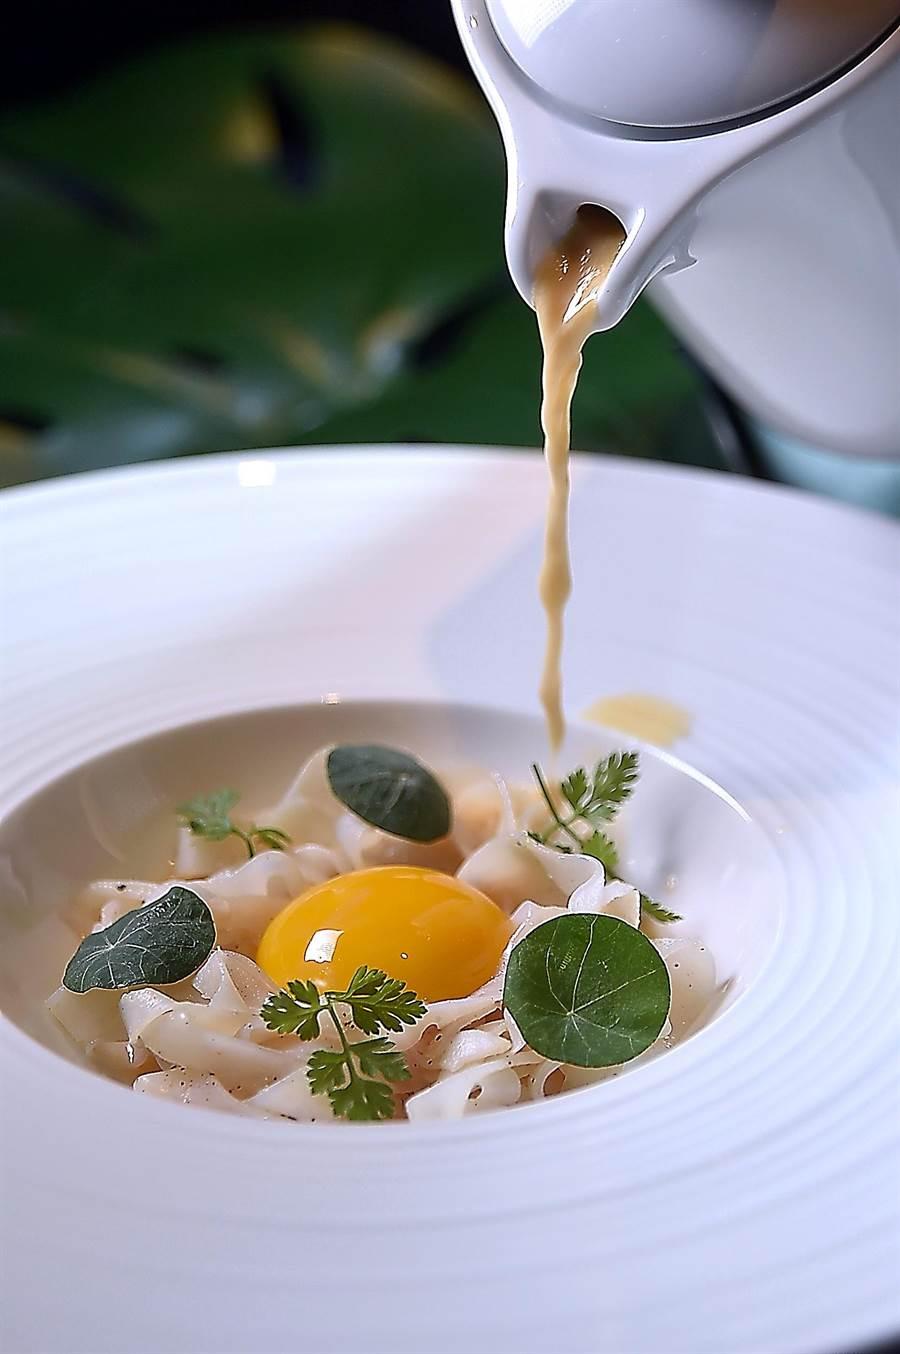 品嘗用花枝薄片「客串」麵條的〈花枝/蛋黃〉時,會再沖入香芧龍蝦湯增益滋味。(圖/姚舜)